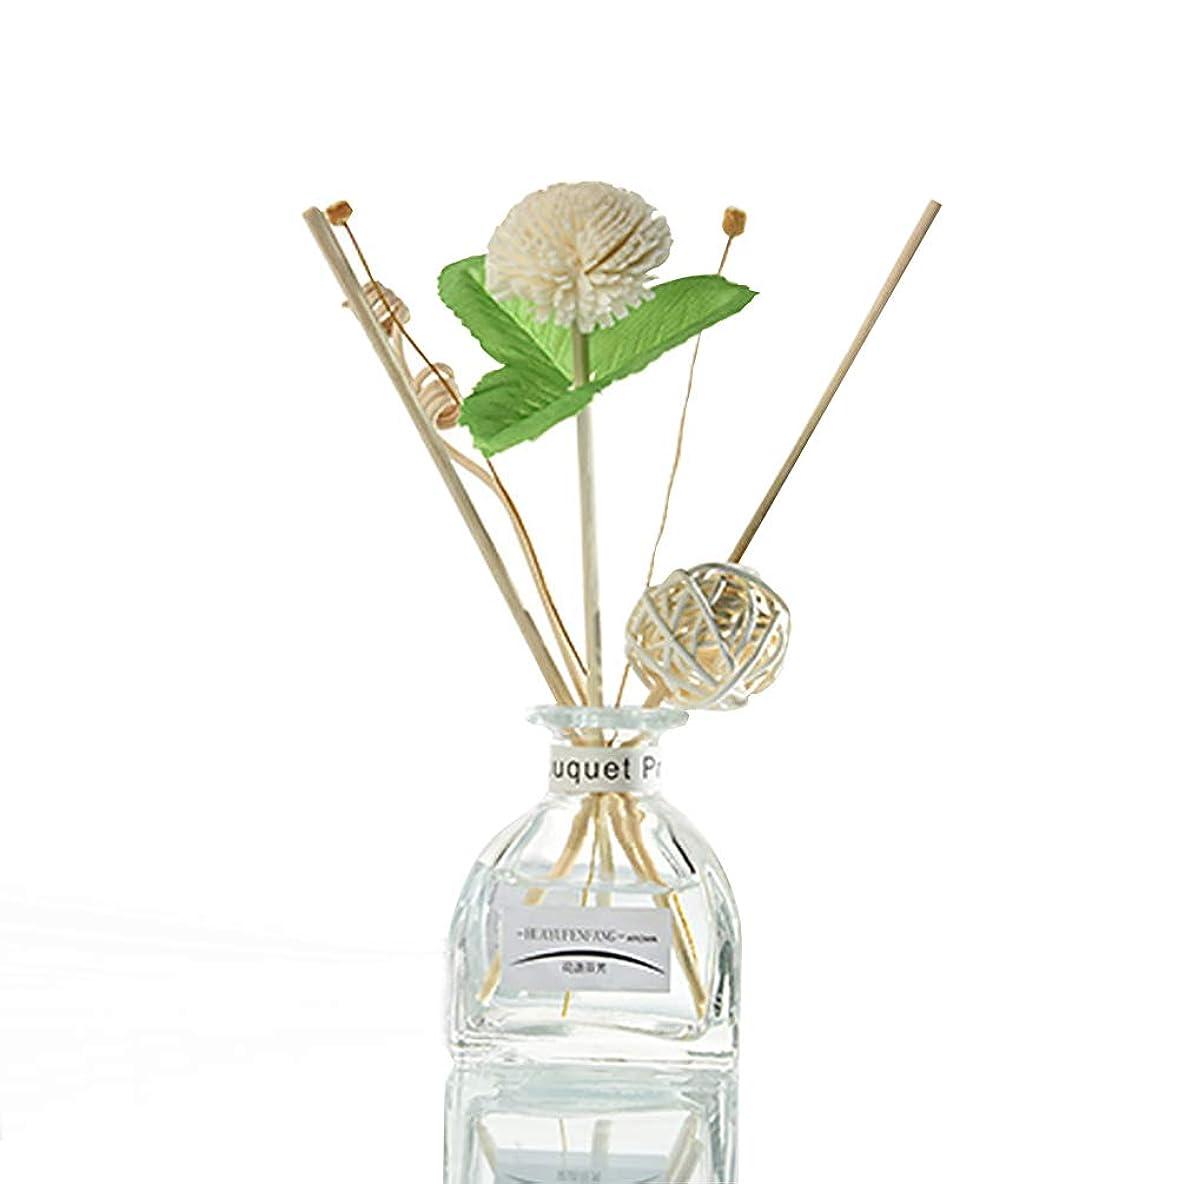 指定バンドルケーキ(ライチ) Lychee リードディフューザーセット ラタンスティック 組合せ ラベンダーの香り アロマテラピーオイル ナチュラル ストレス解消 ギフト 寝室 オフィス ルームフレグランス リフィル